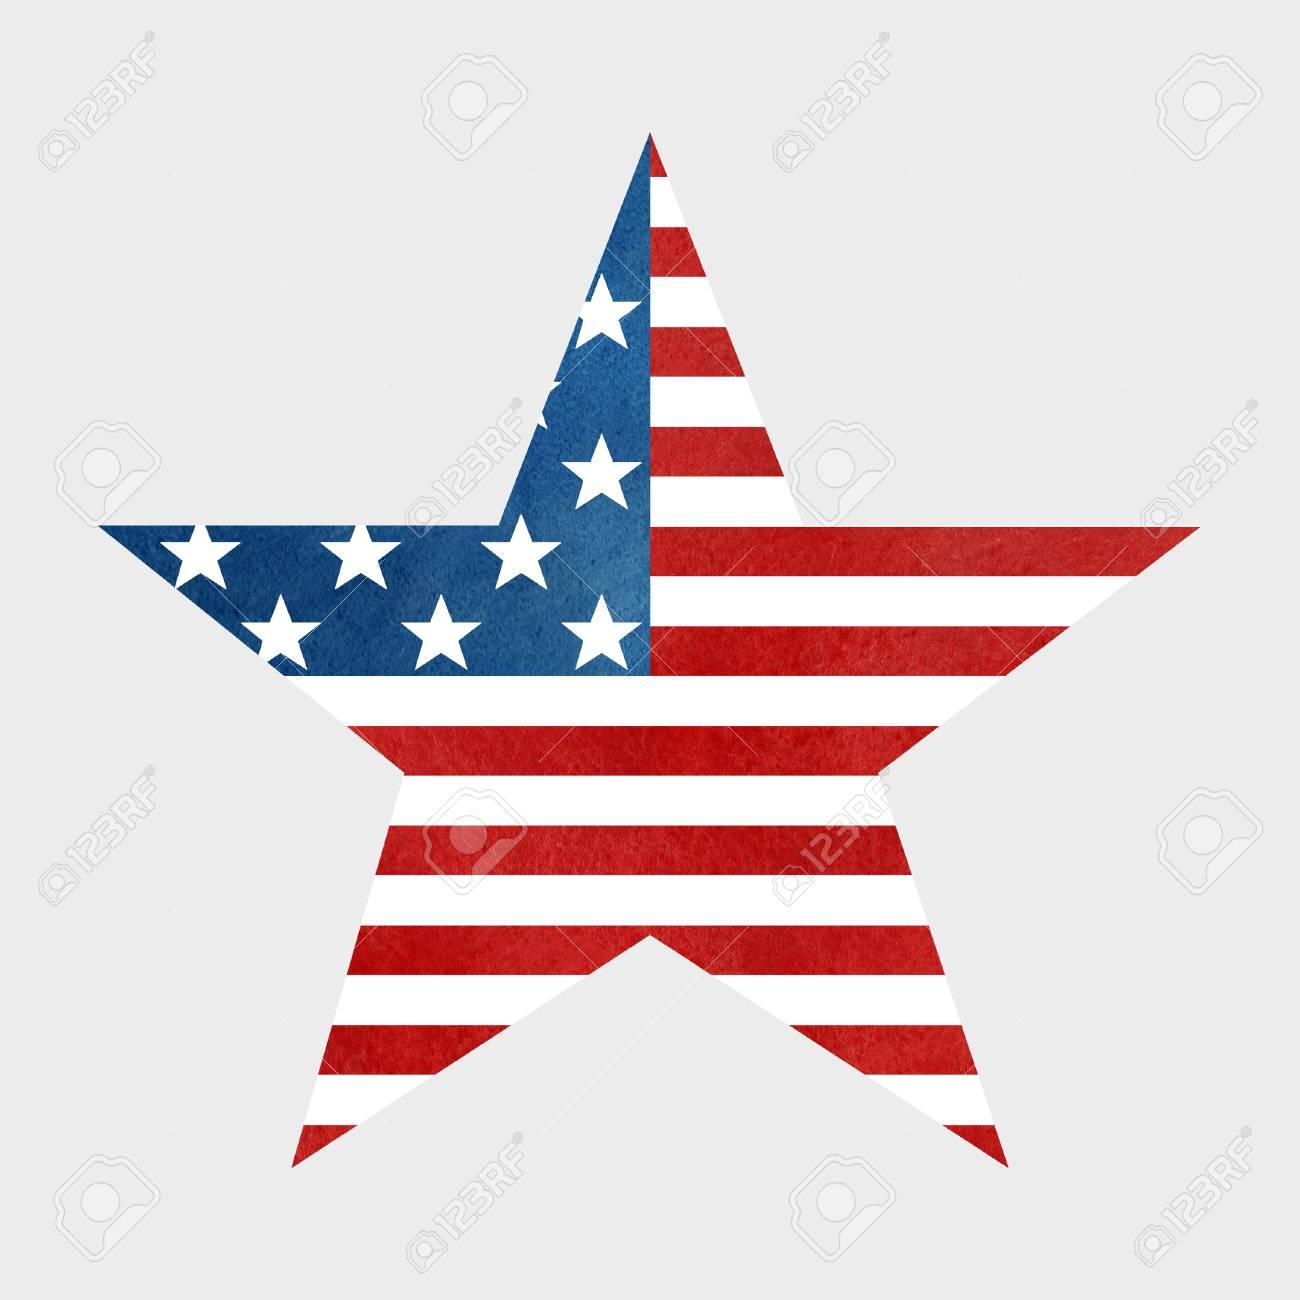 Le Drapeau Americain Imprimer En Forme D Etoile Symbole Banque D Images Et Photos Libres De Droits Image 59796339